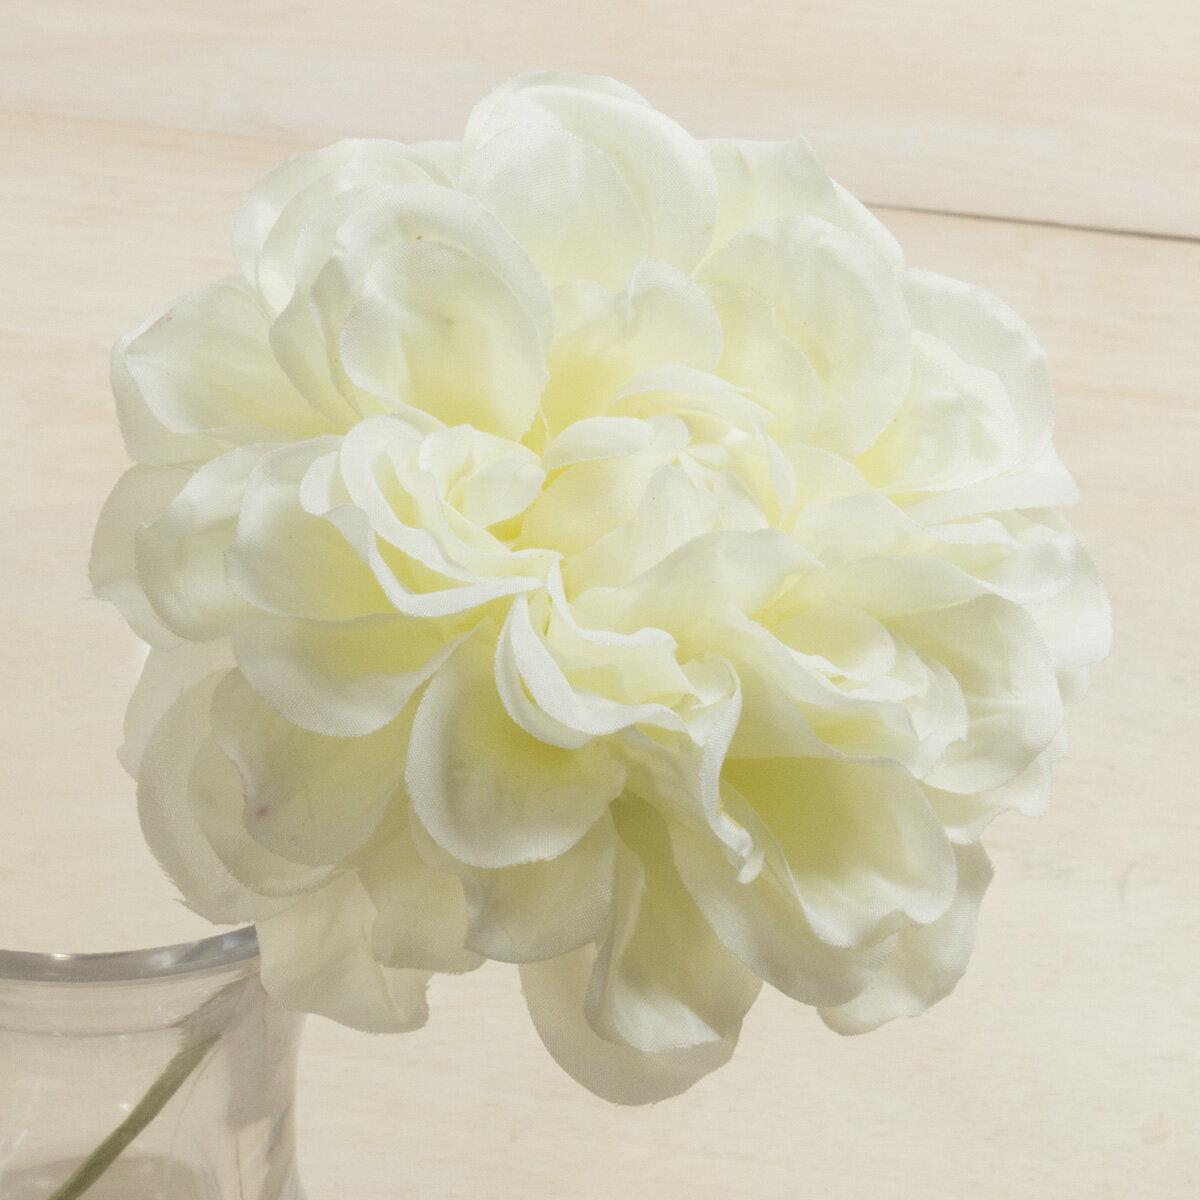 即日★【造花】YDM/ダリアピック ホワイト/FA6756-W《 造花(アーティフィシャルフラワー) 造花 花材「た行」 ダリア 》